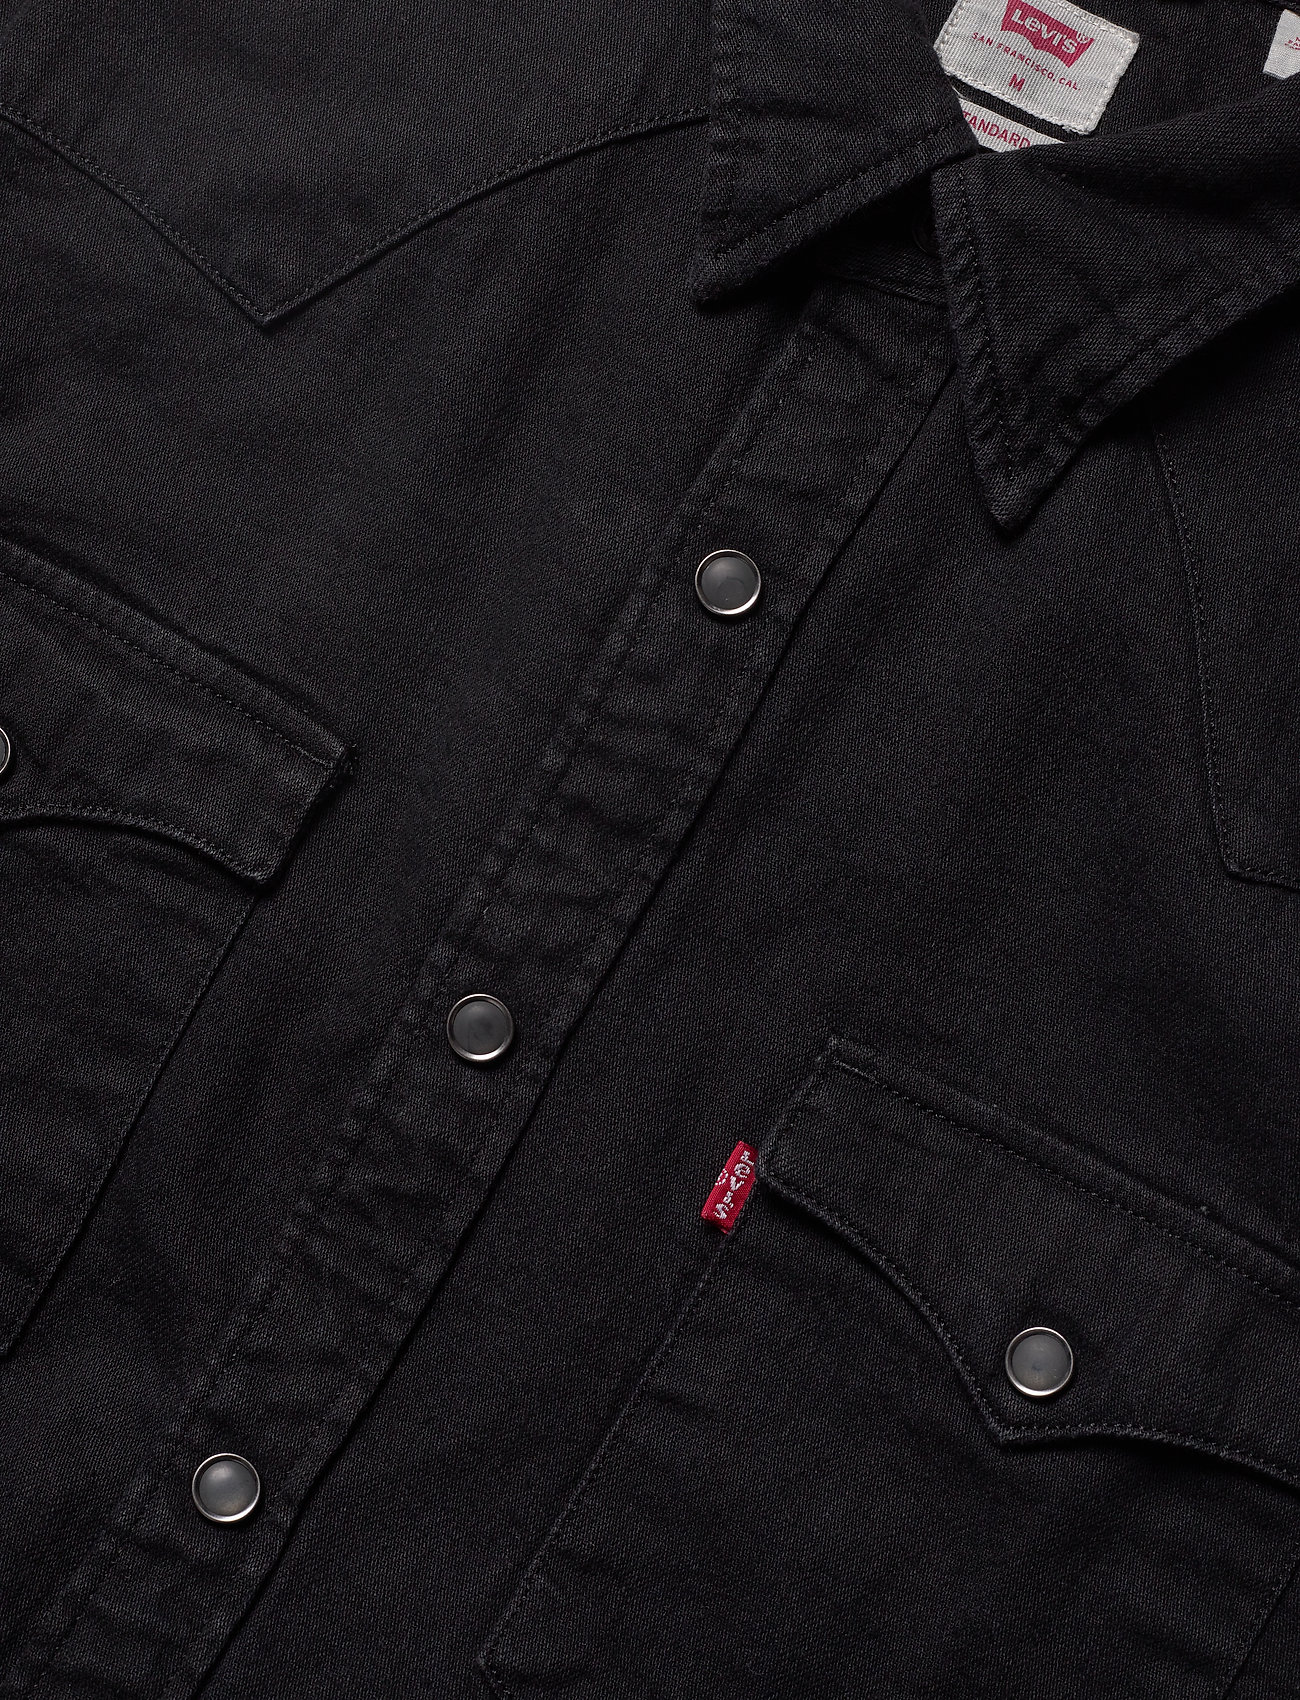 LEVI´S Men BARSTOW WESTERN STANDARD MARBL - Skjorter BLACKS - Menn Klær